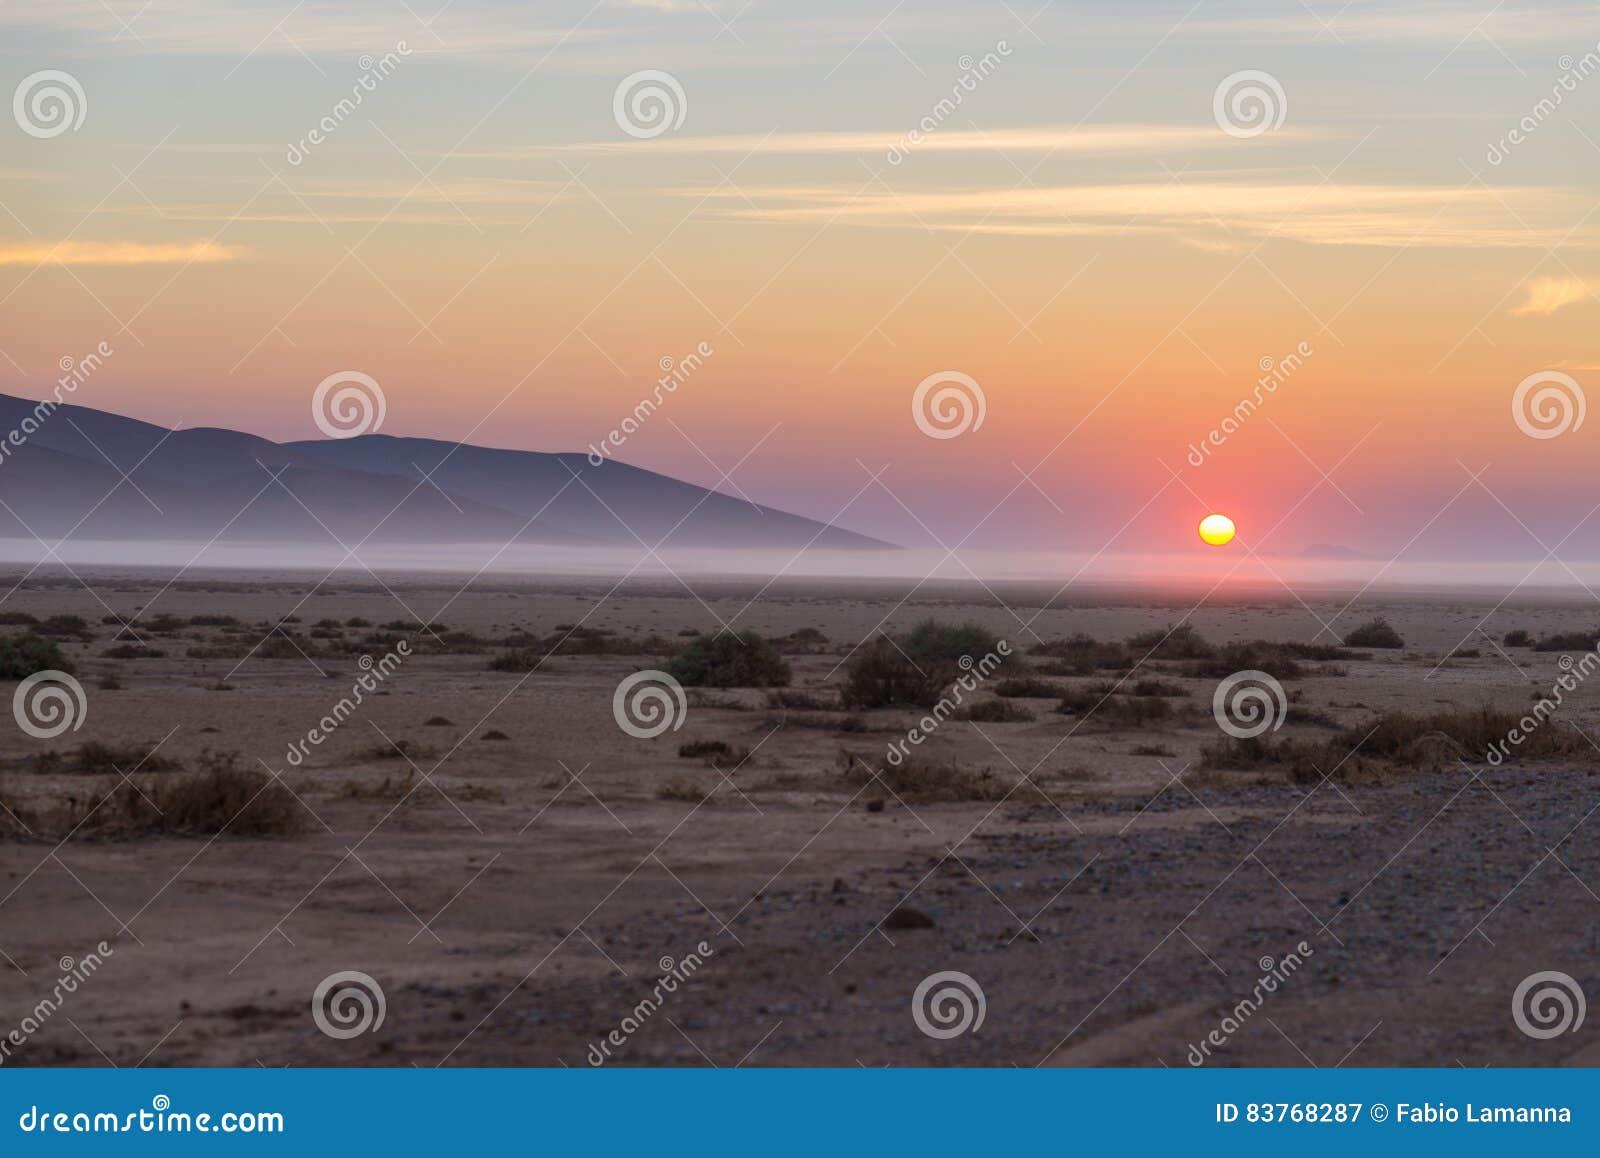 Sonnenaufgang über der Namibischen Wüste, roadtrip im wunderbaren Nationalpark Namib Naukluft, Reiseziel in Namibia, Afrika morge